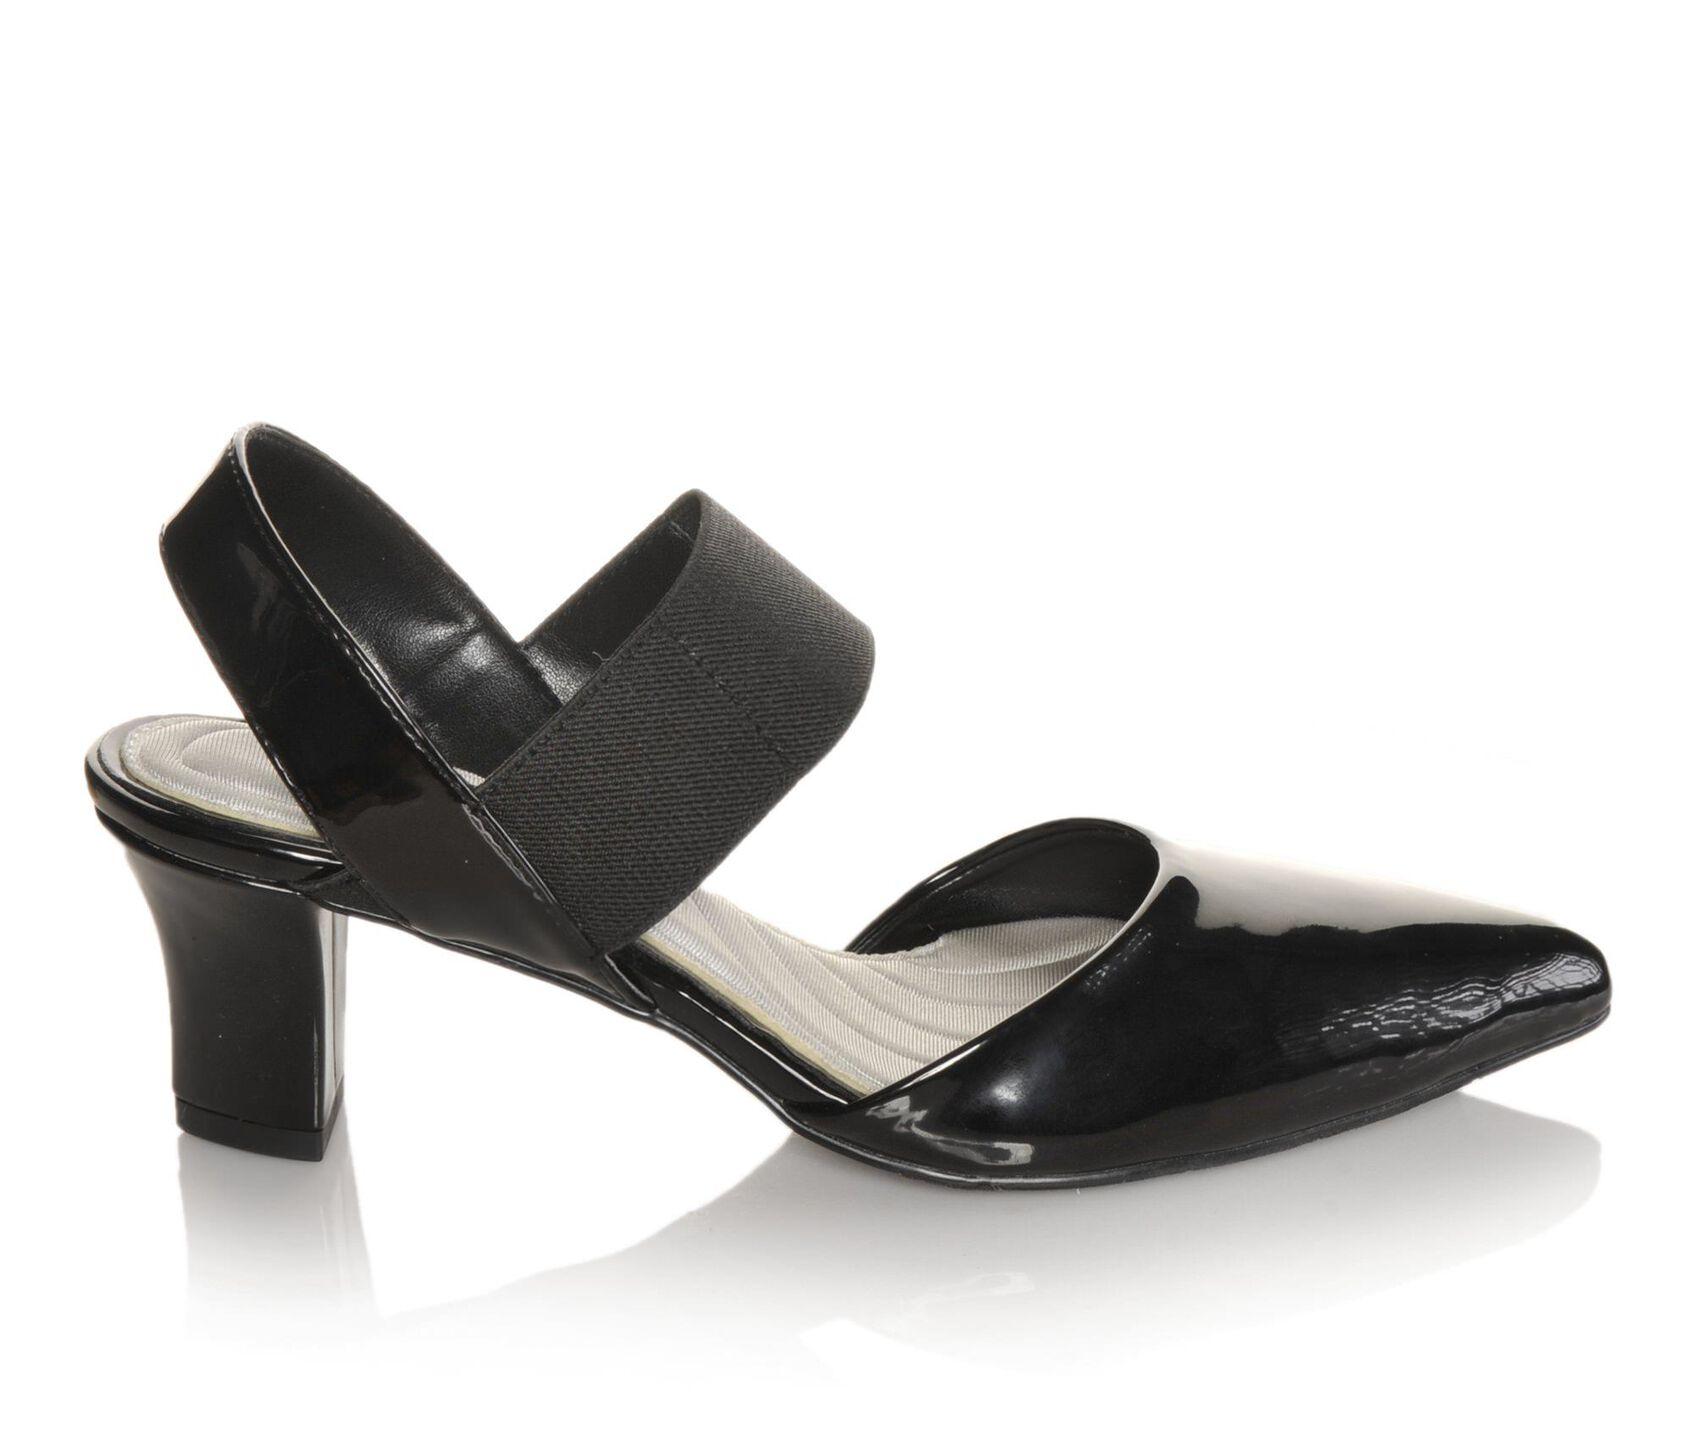 038aeb76aec Women's Easy Street Vibrant Shoes